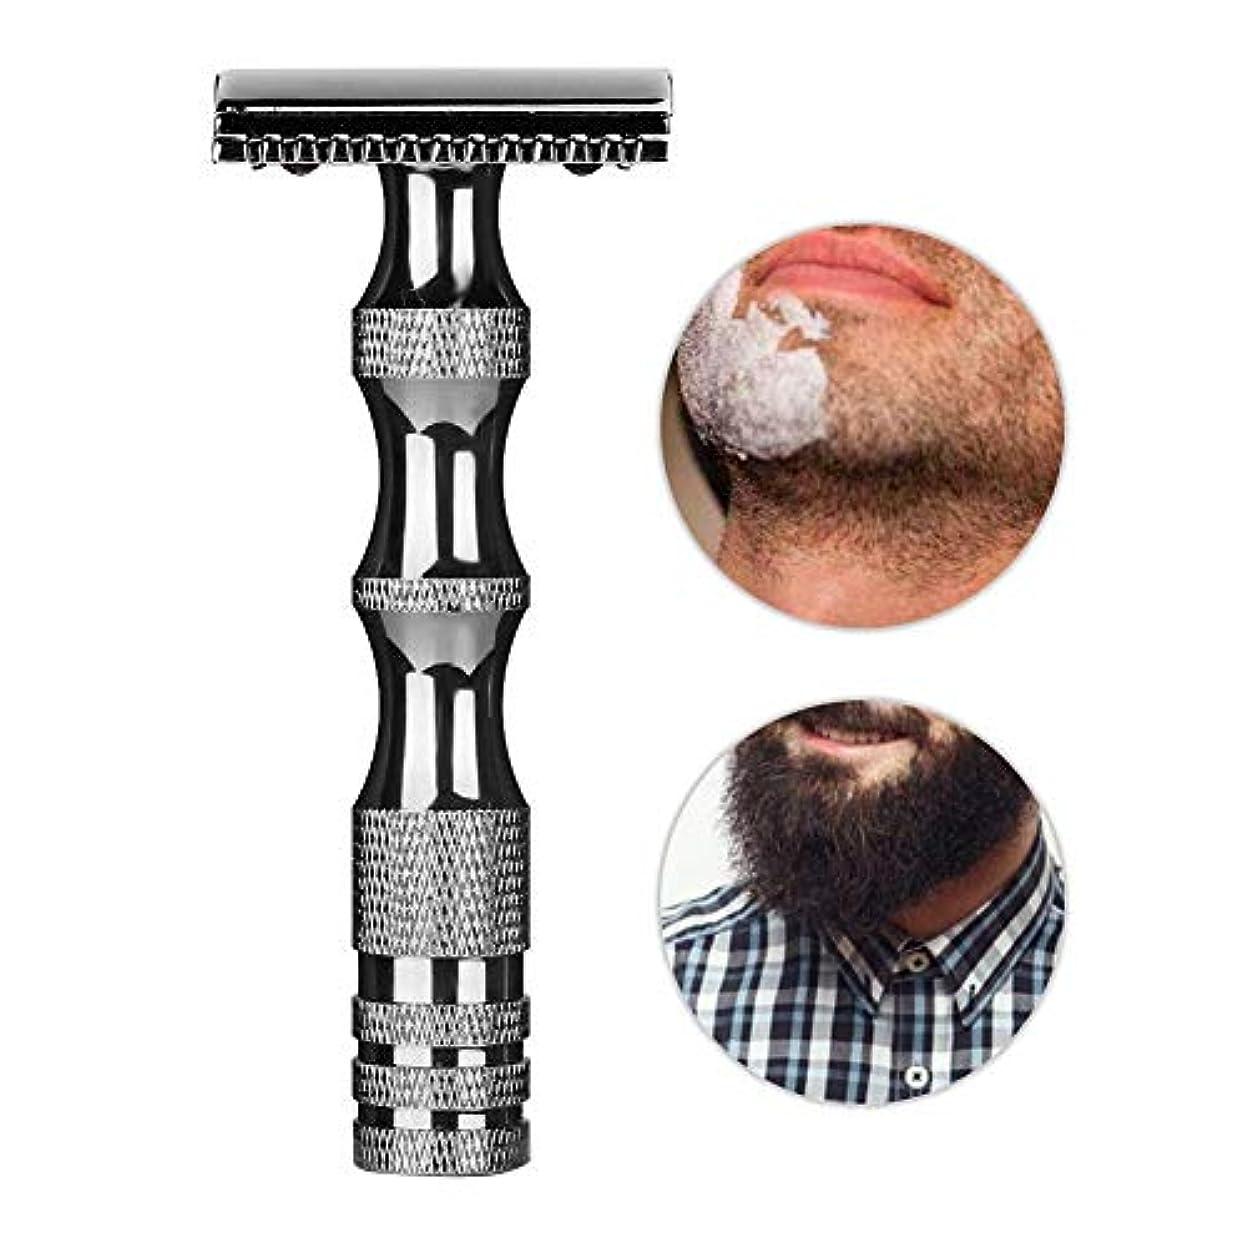 舌時間説明安全剃刀、クラシックメンズ滑り止めメタルハンドルデュアルエッジシェーバーヴィンテージスタイルメンズ安全剃刀、スムーズで快適な髭剃り(Dark Silver)